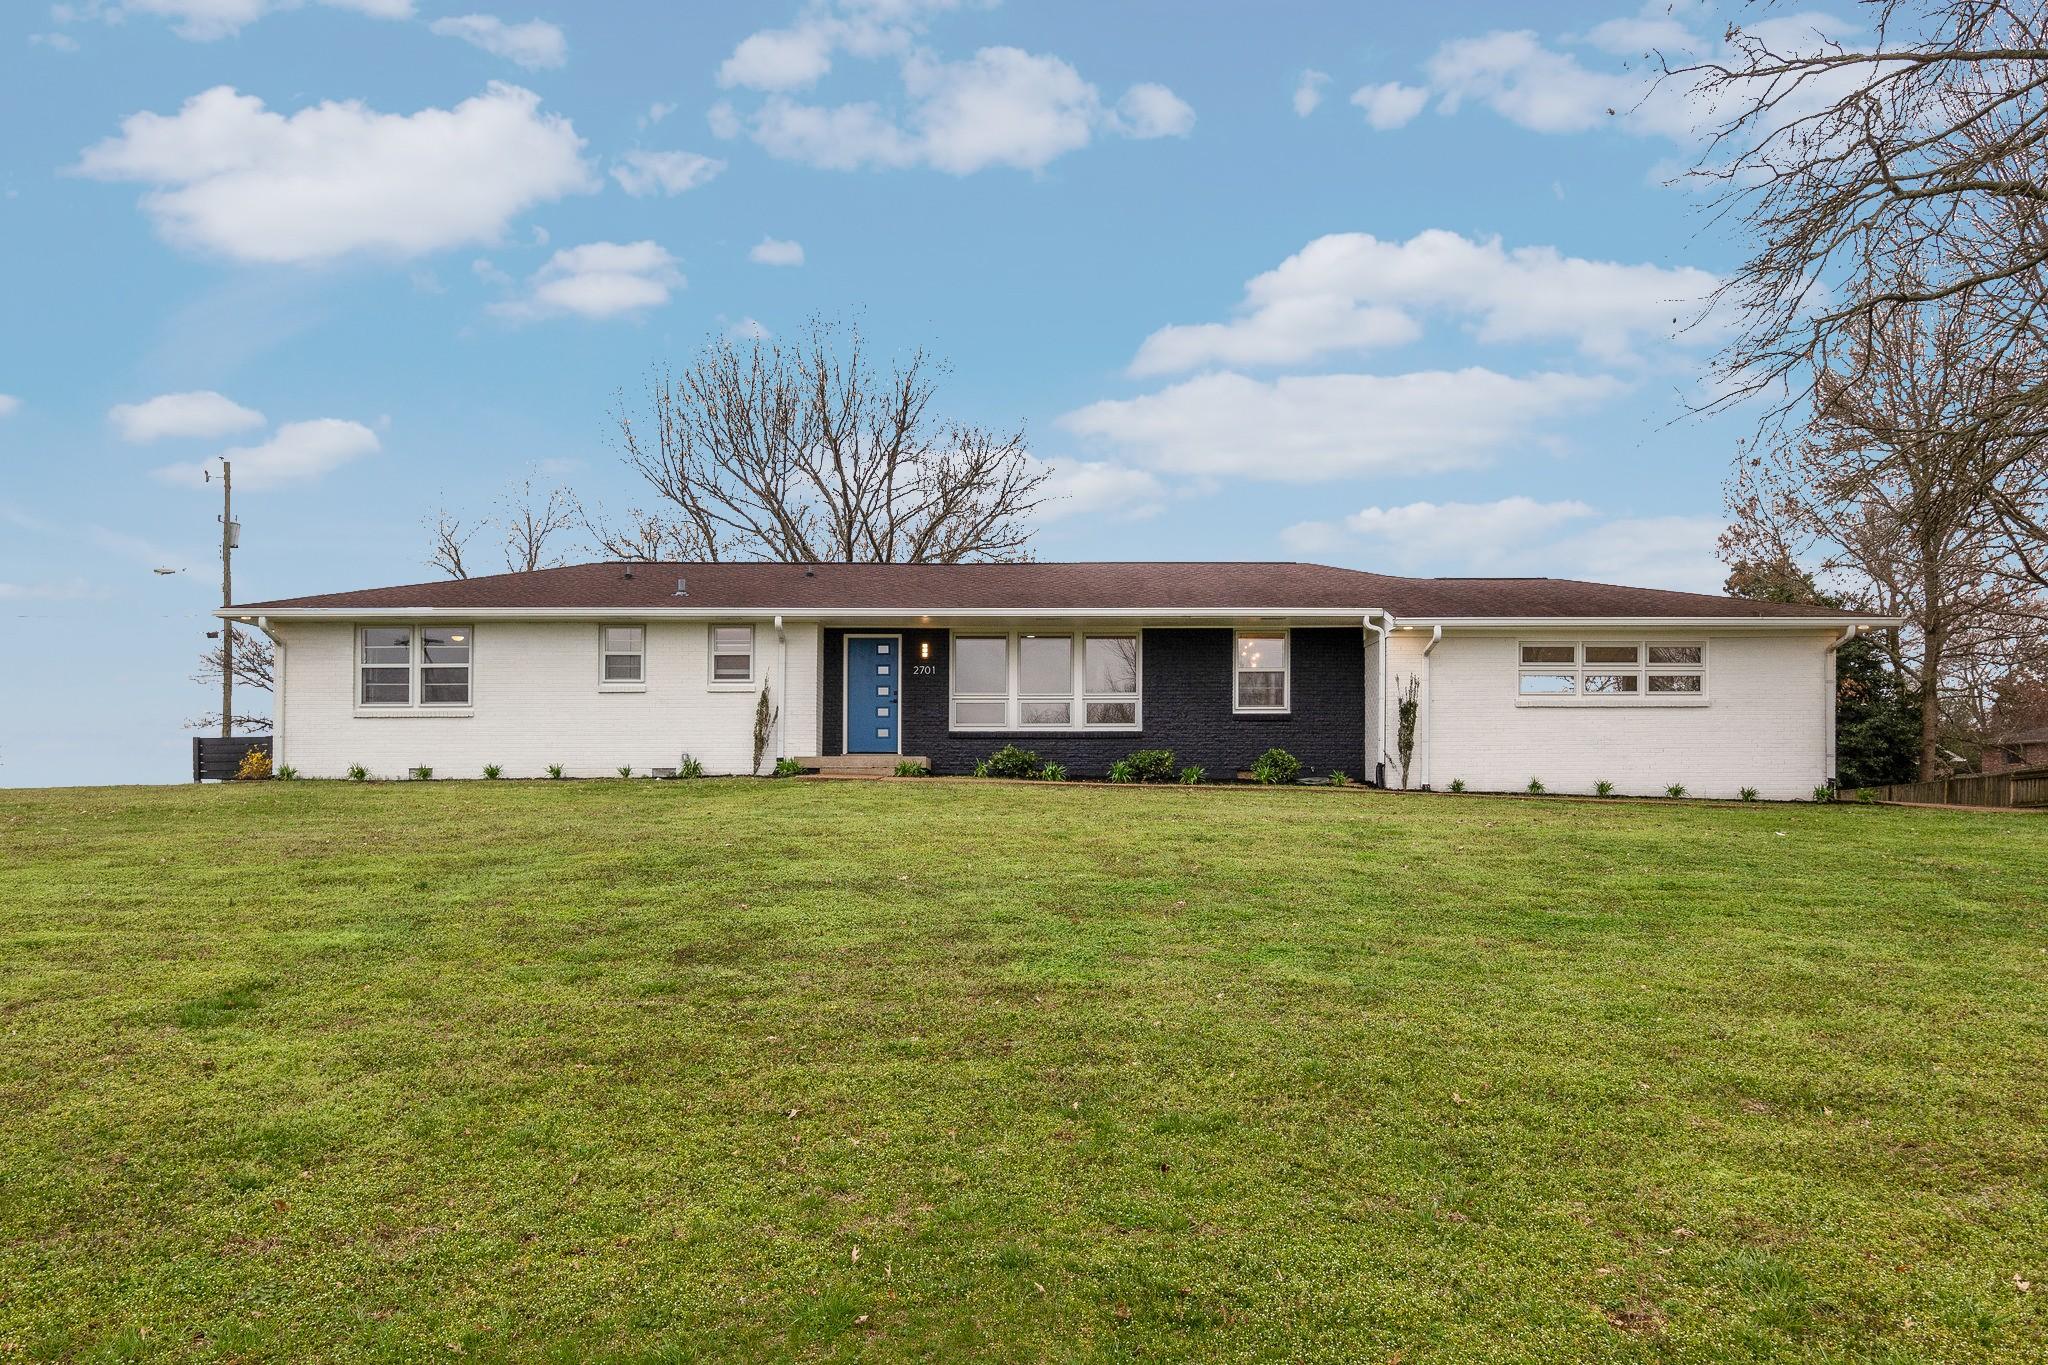 2701 Crestdale Dr, Nashville, TN 37214 - Nashville, TN real estate listing